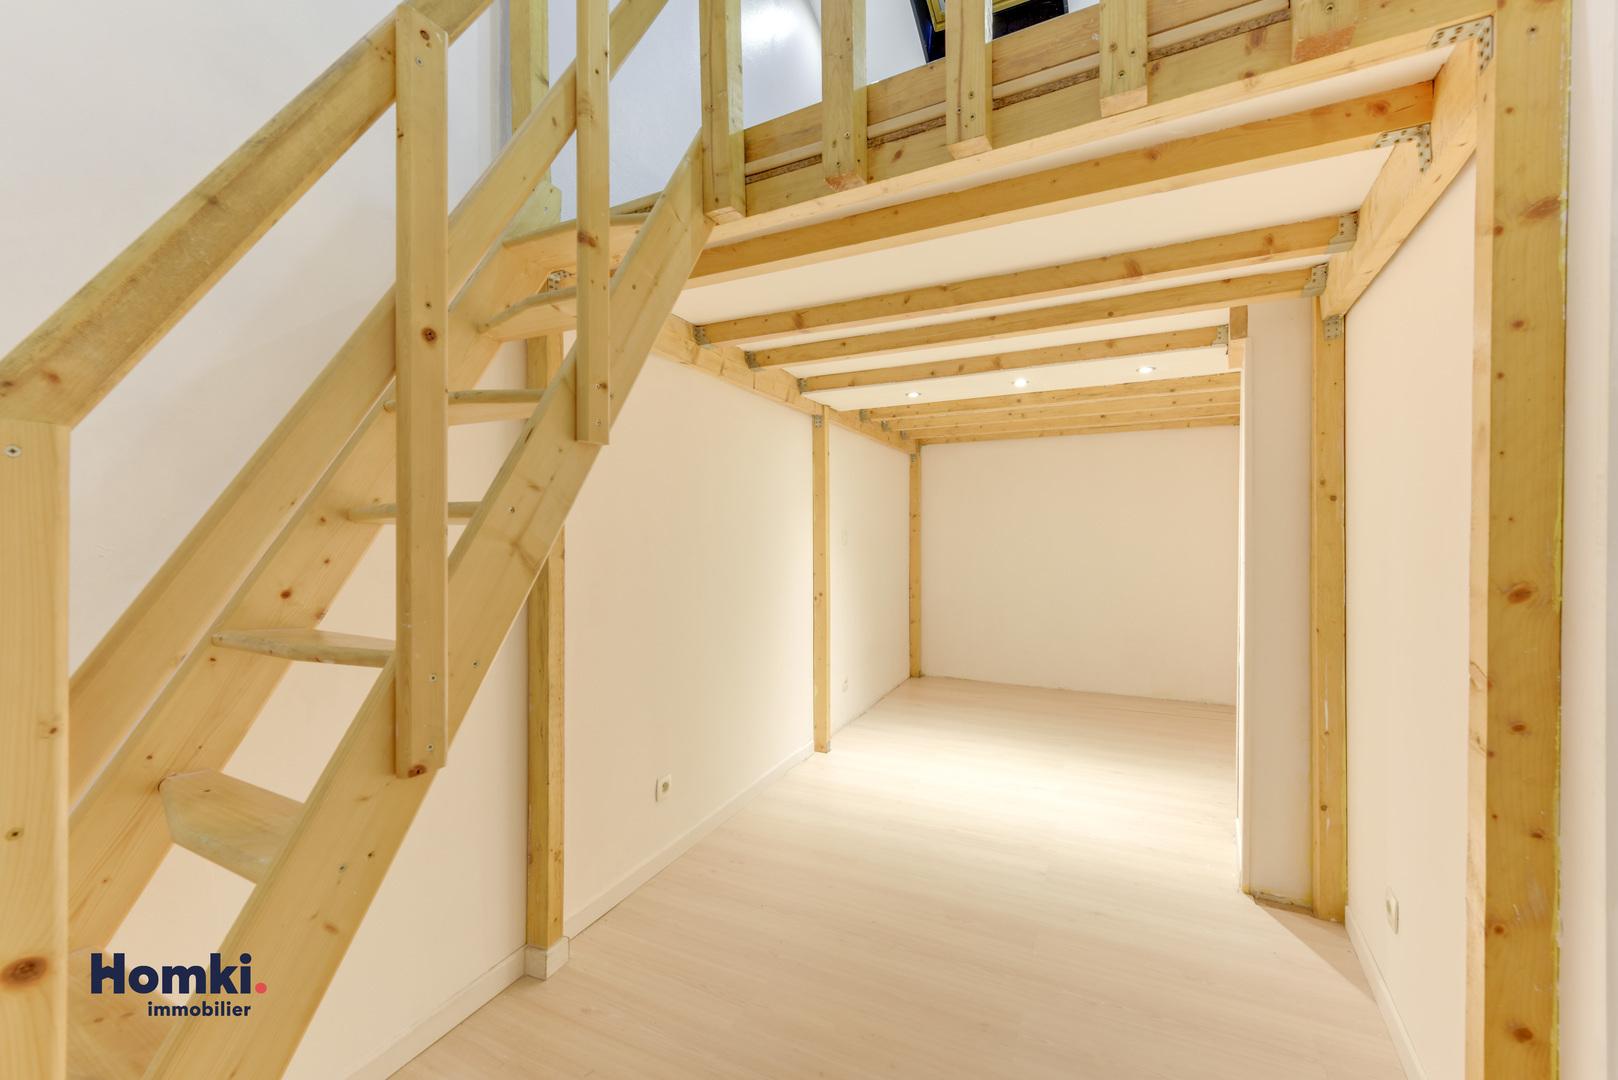 Maison I 113 m² I T4 I 38670 | photo 9